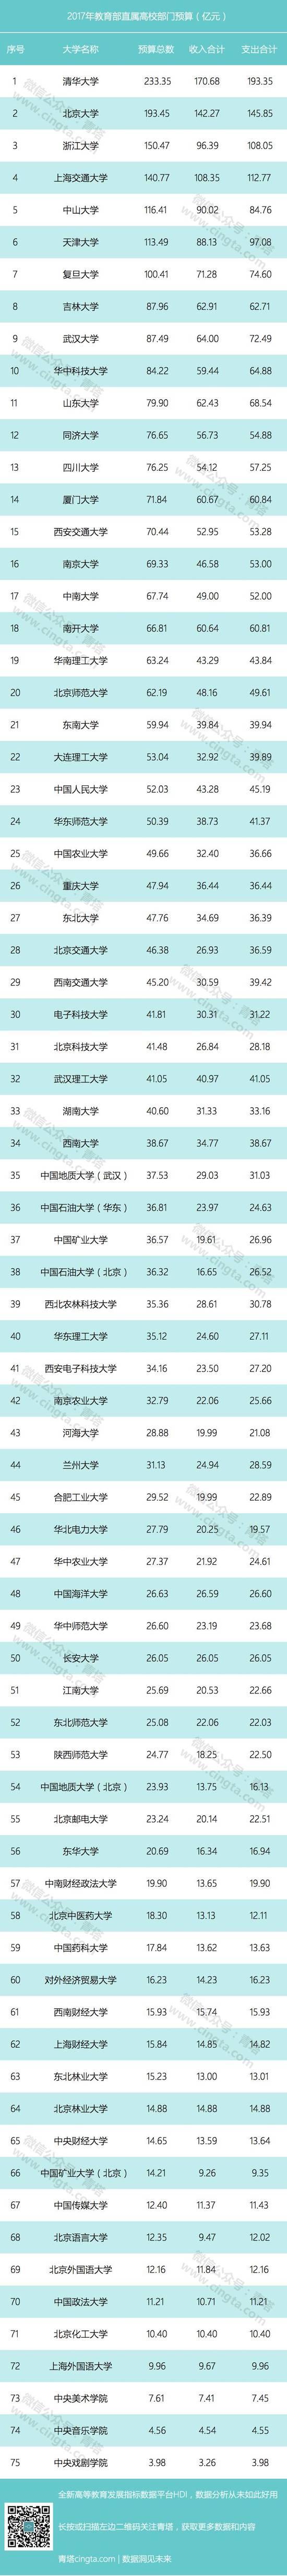 """75所教育部直属高校公布预算:理工类""""秒杀""""文科类"""